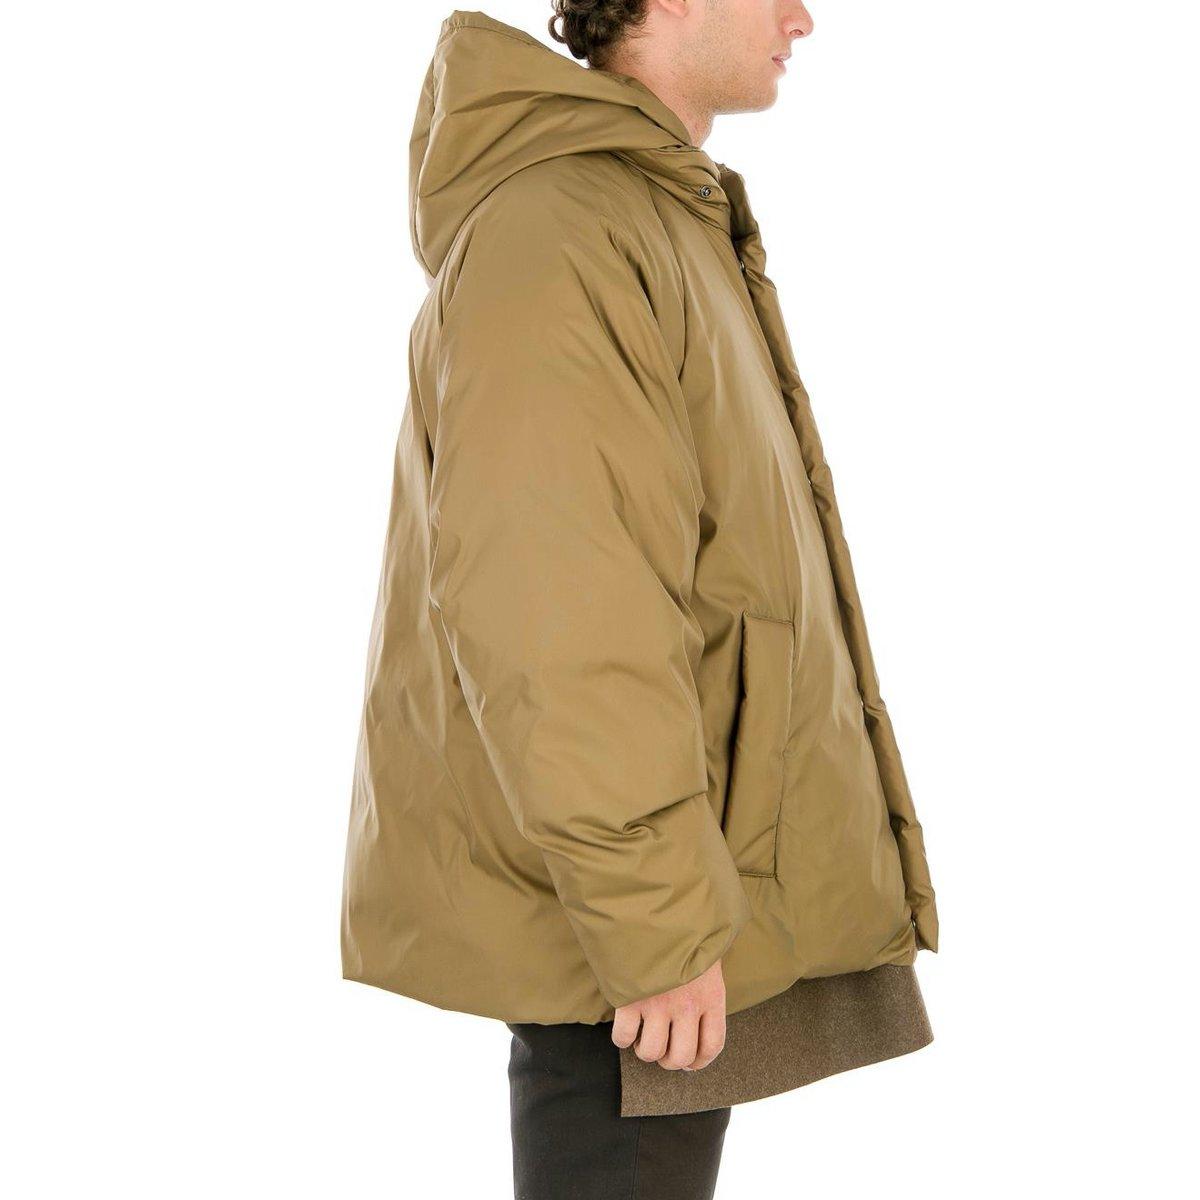 oamc-tan-oversized-frontline-jacket-205-9.jpg